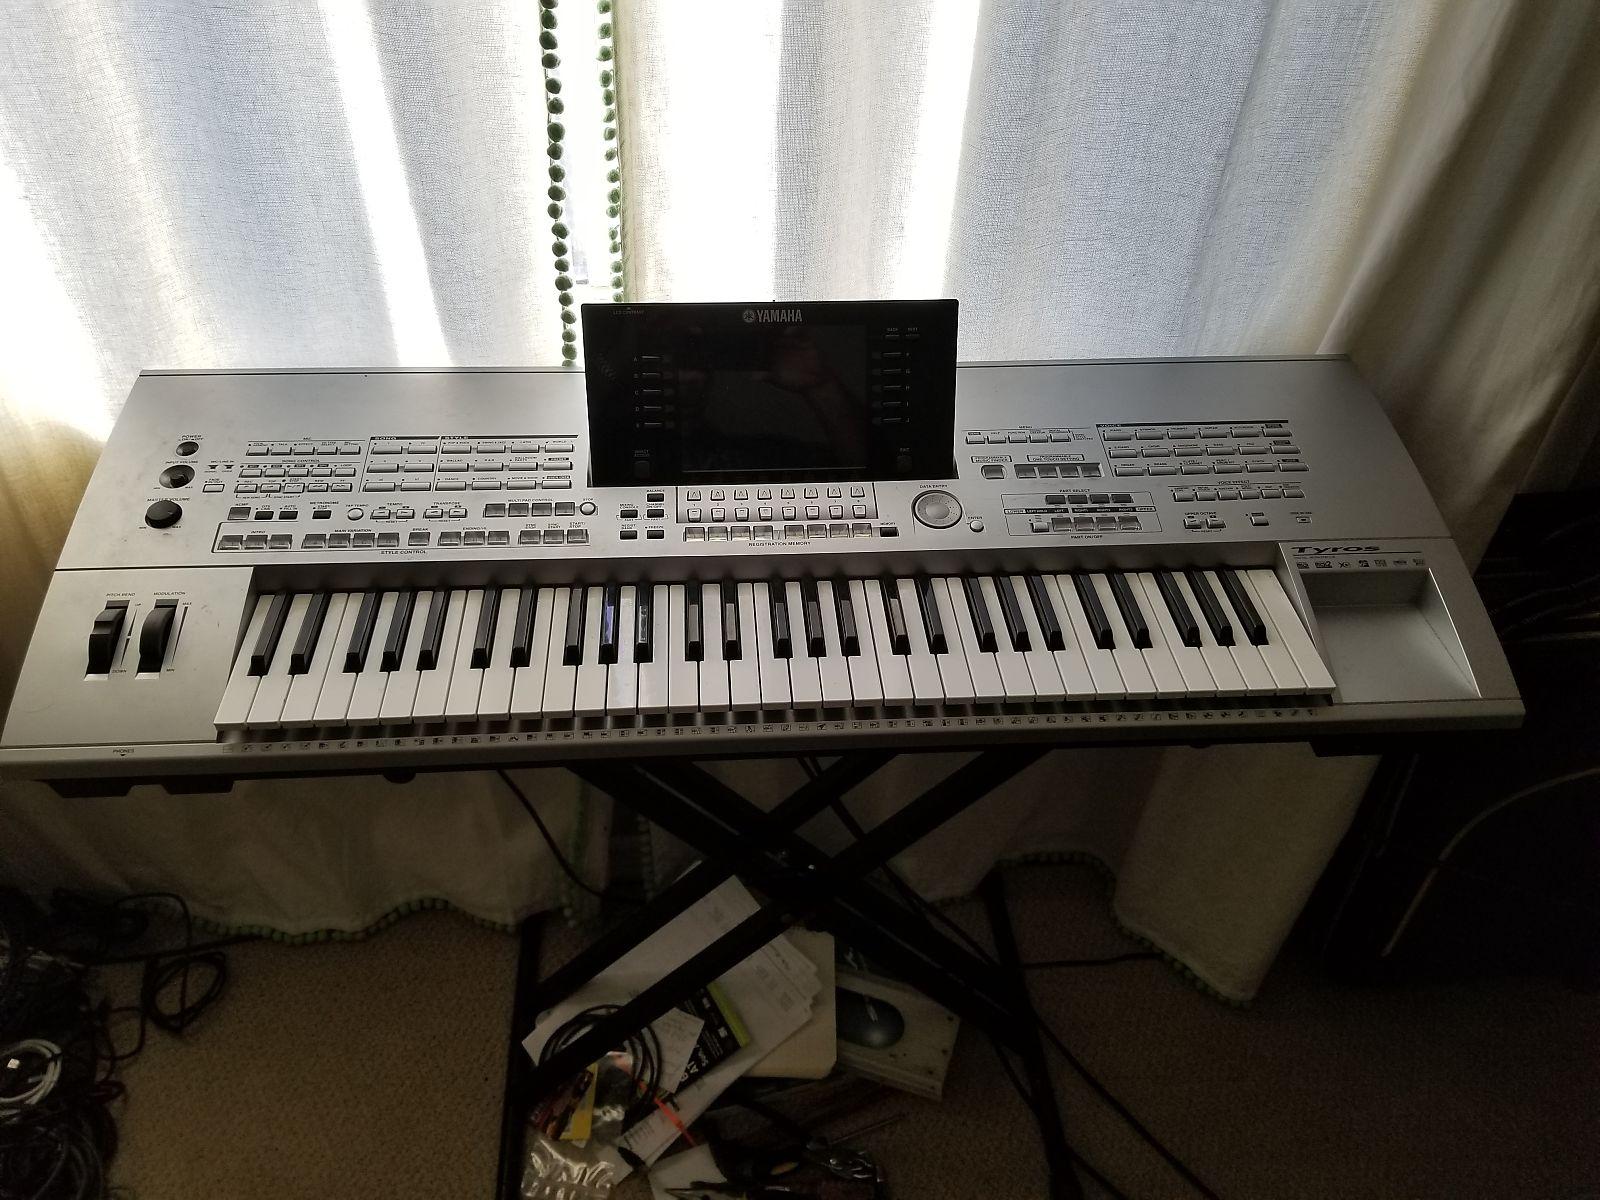 yamaha tyros 1 61 key arranger workstation keyboard reverb. Black Bedroom Furniture Sets. Home Design Ideas